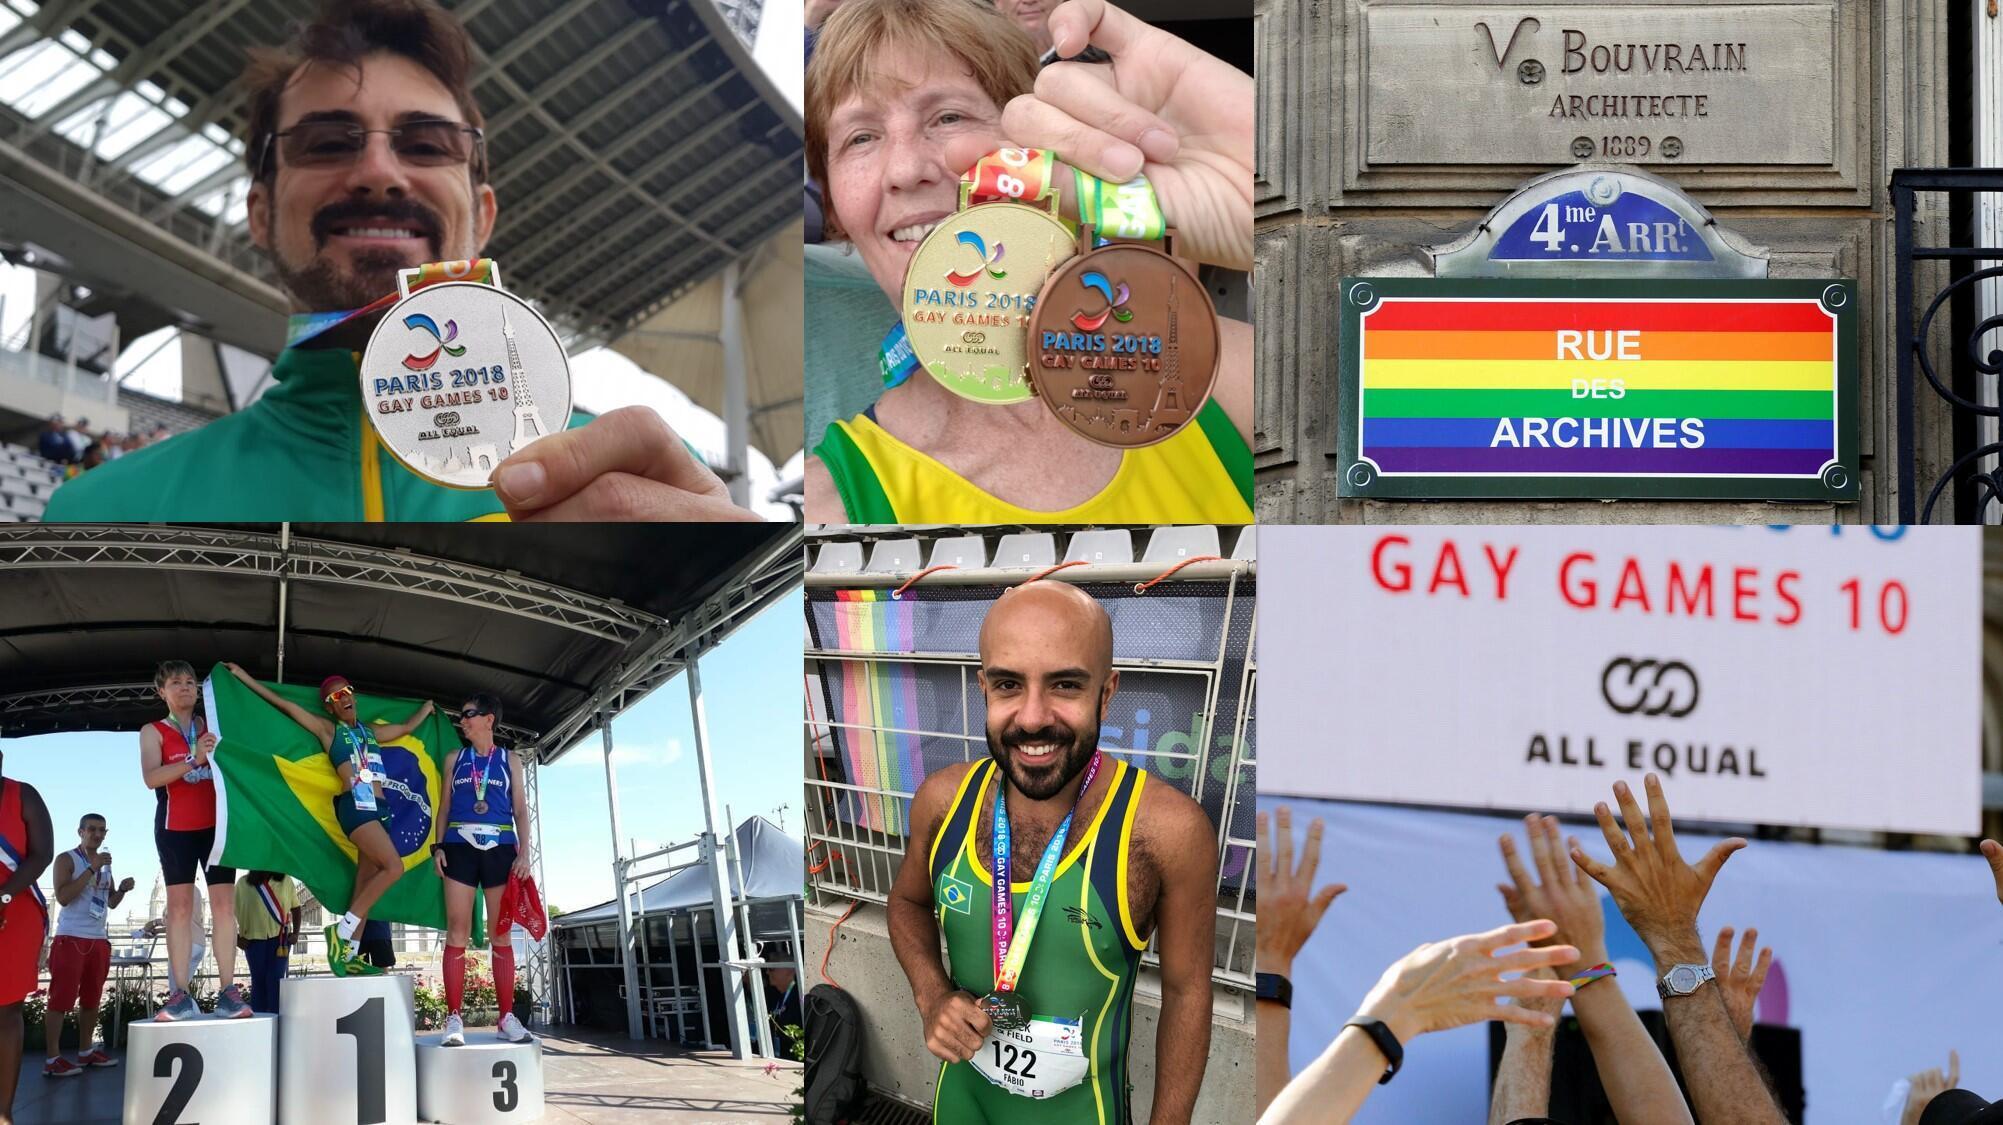 Brasileiros conquistam primeiras medalhas brasileiras no Gay Games Paris 2018